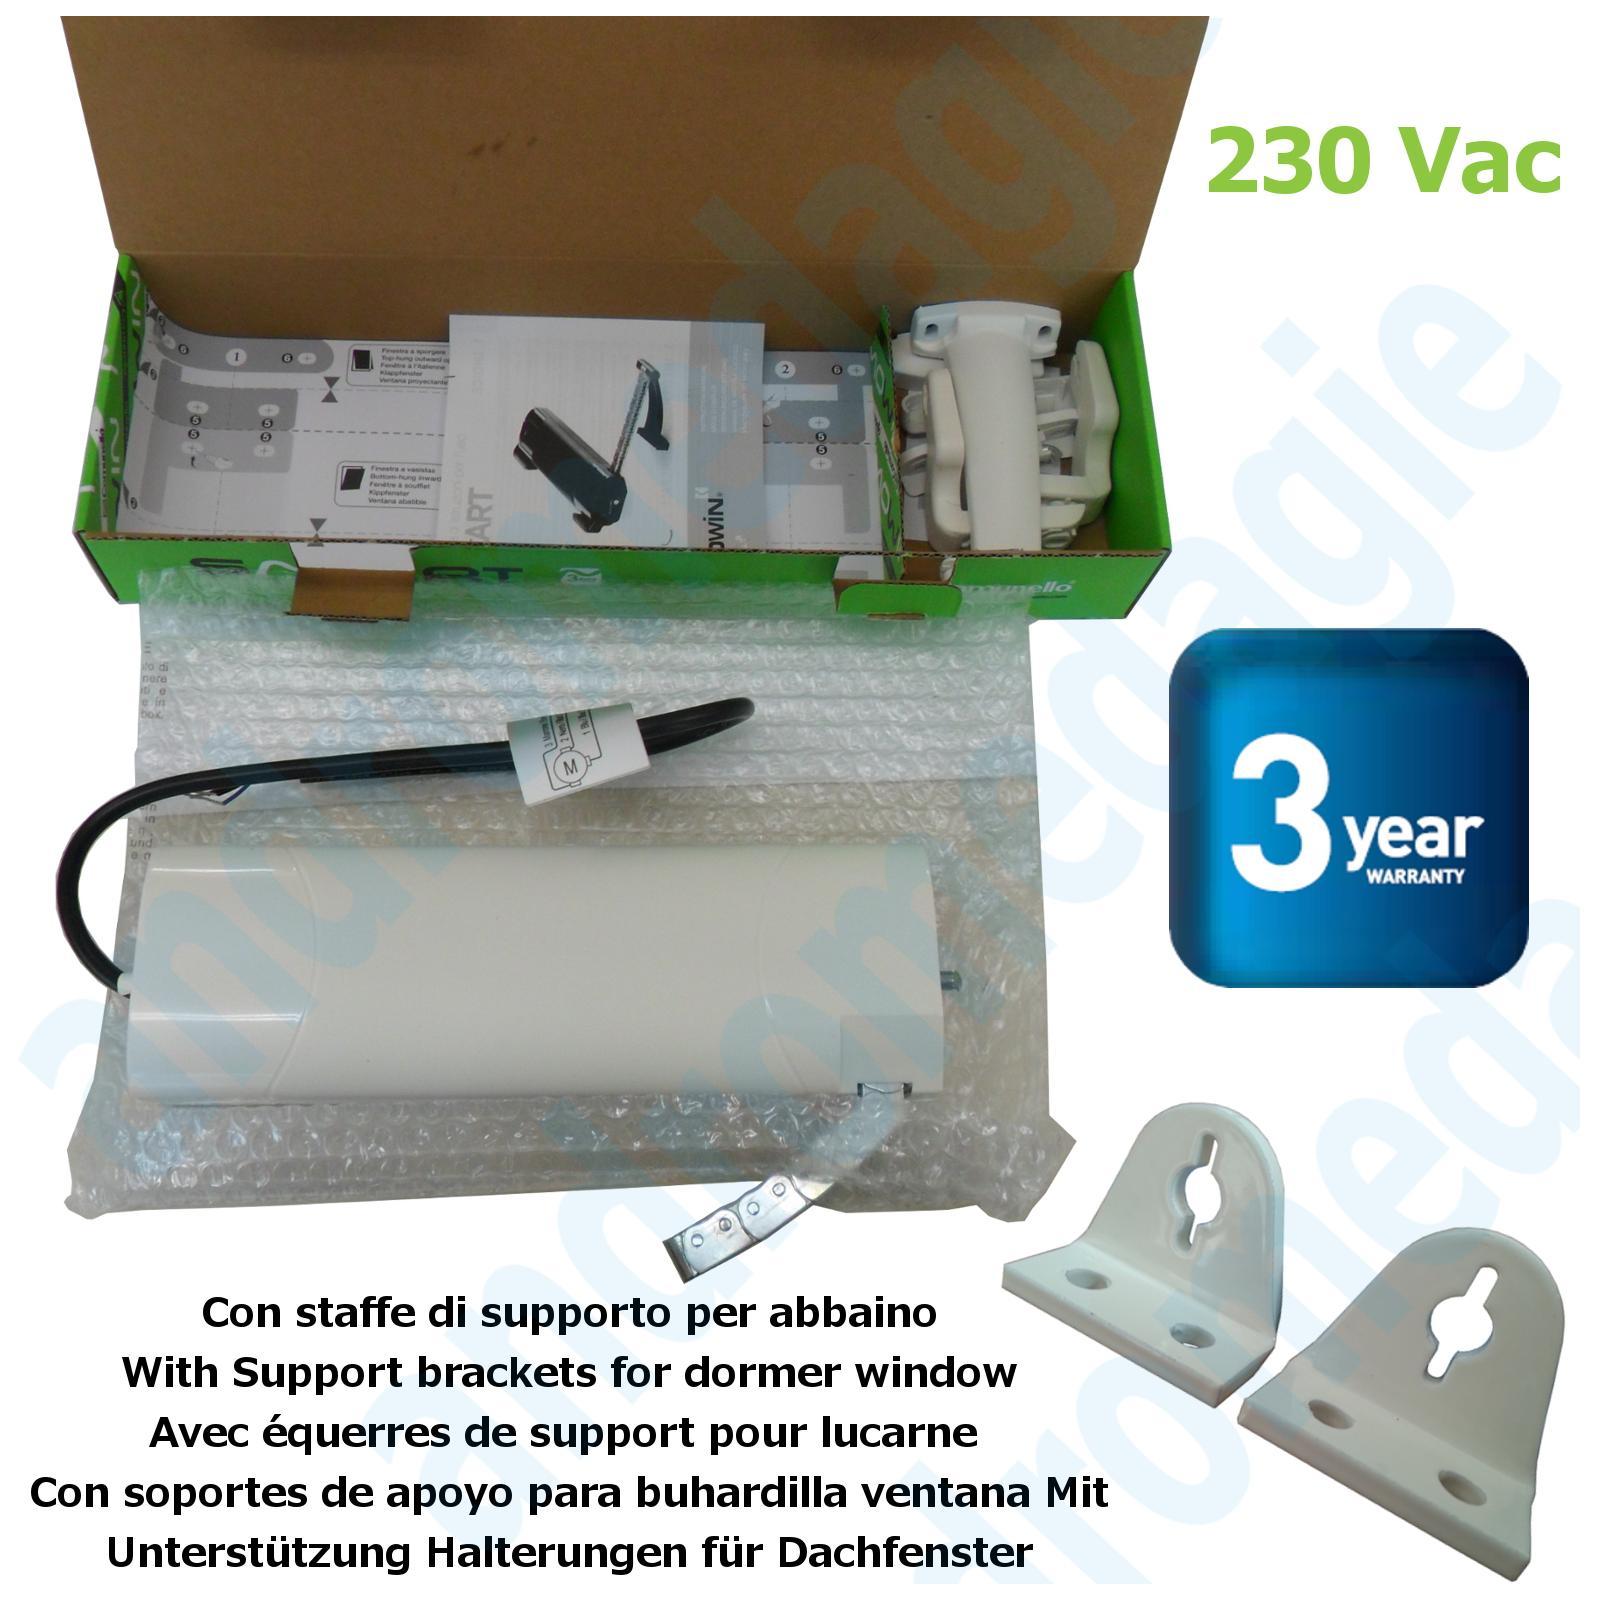 SMART 230V BIANCO + STAFFE DI SUPPORTO PER ABBAINO BIANCHE